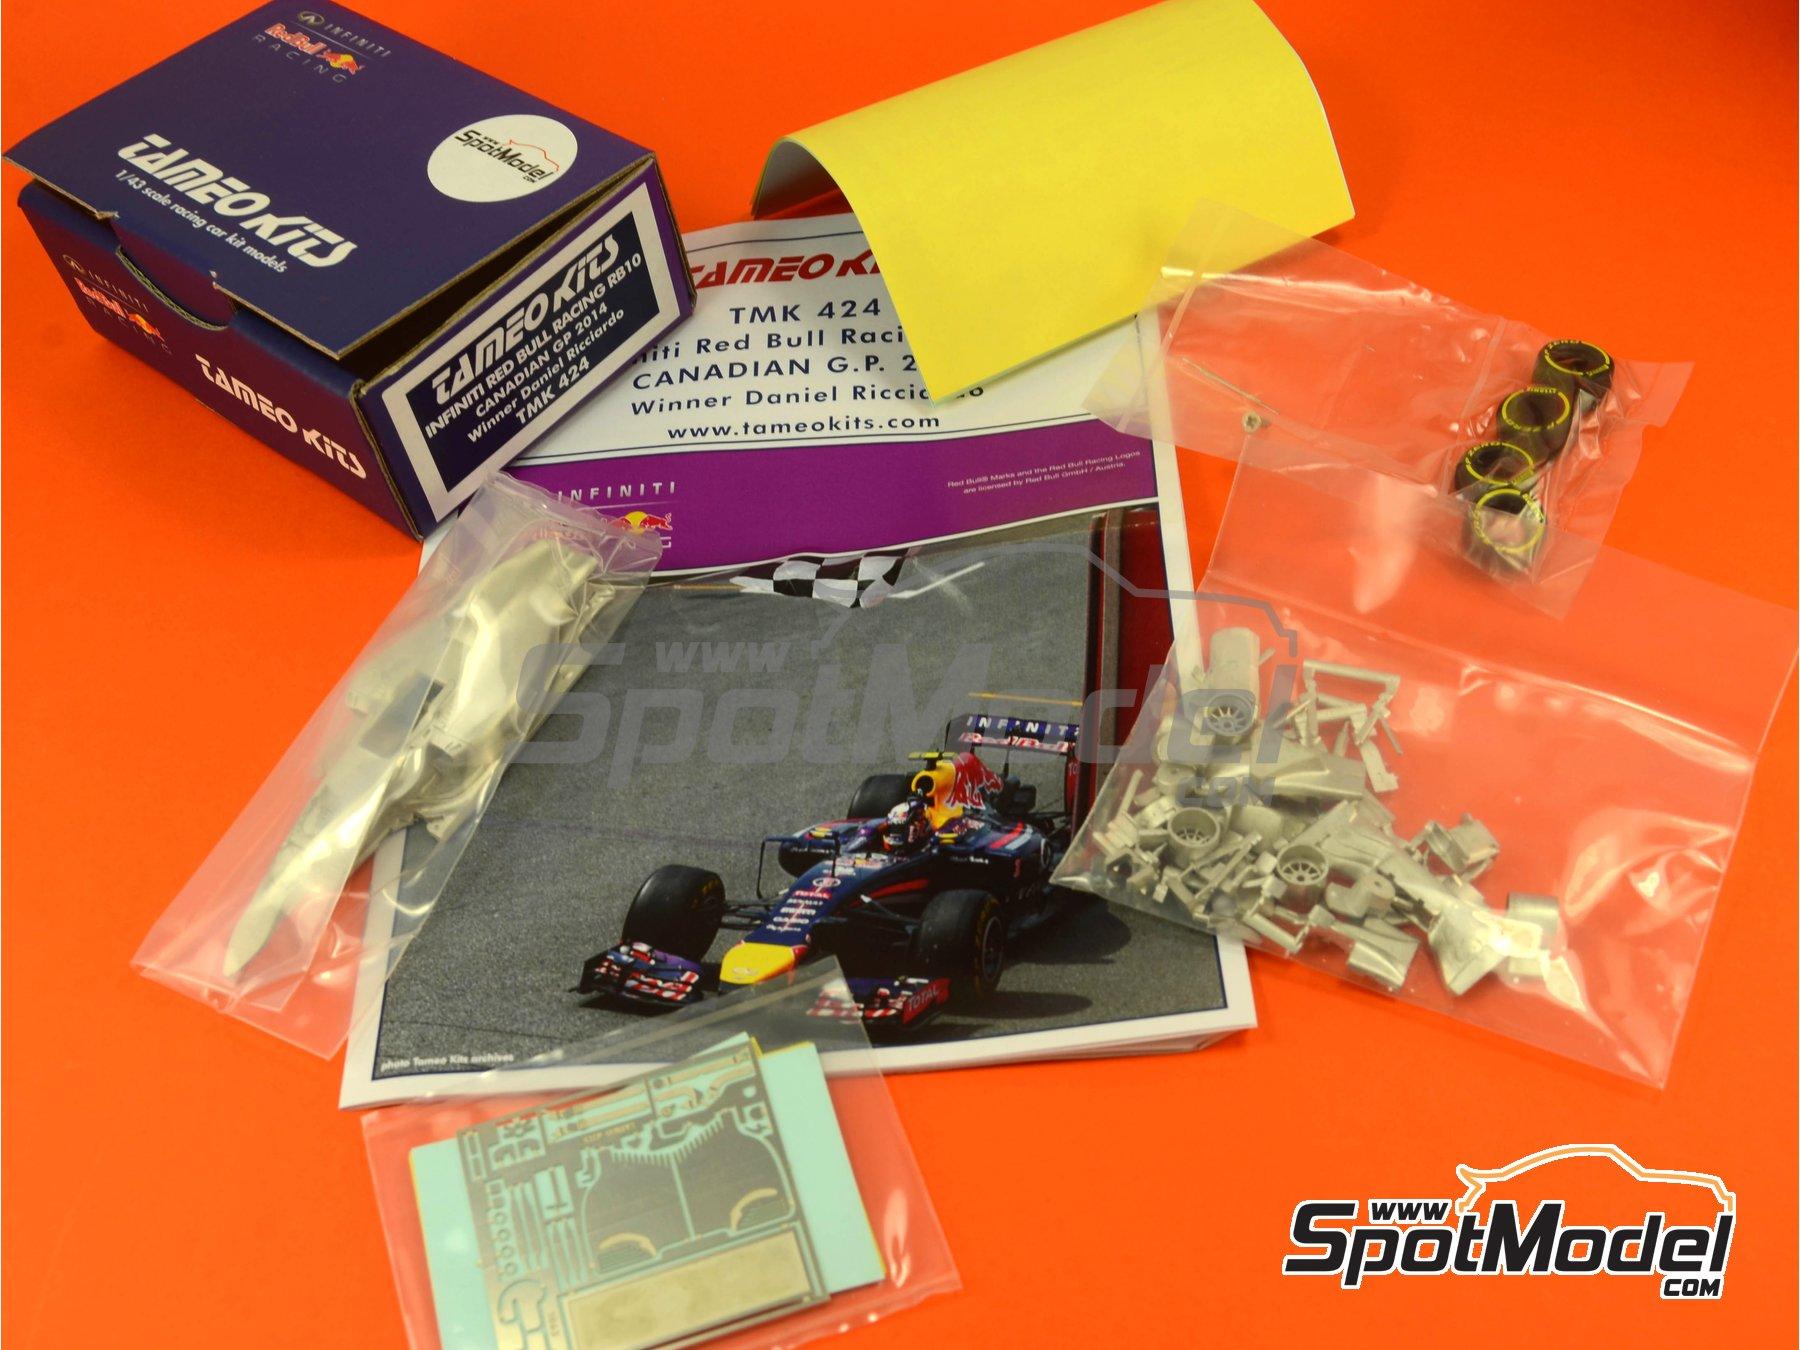 Image 8: RB10 Infiniti - Gran Premio de Fórmula 1 de Canada 2014 | Maqueta de coche en escala1/43 fabricado por Tameo Kits (ref.TMK424)